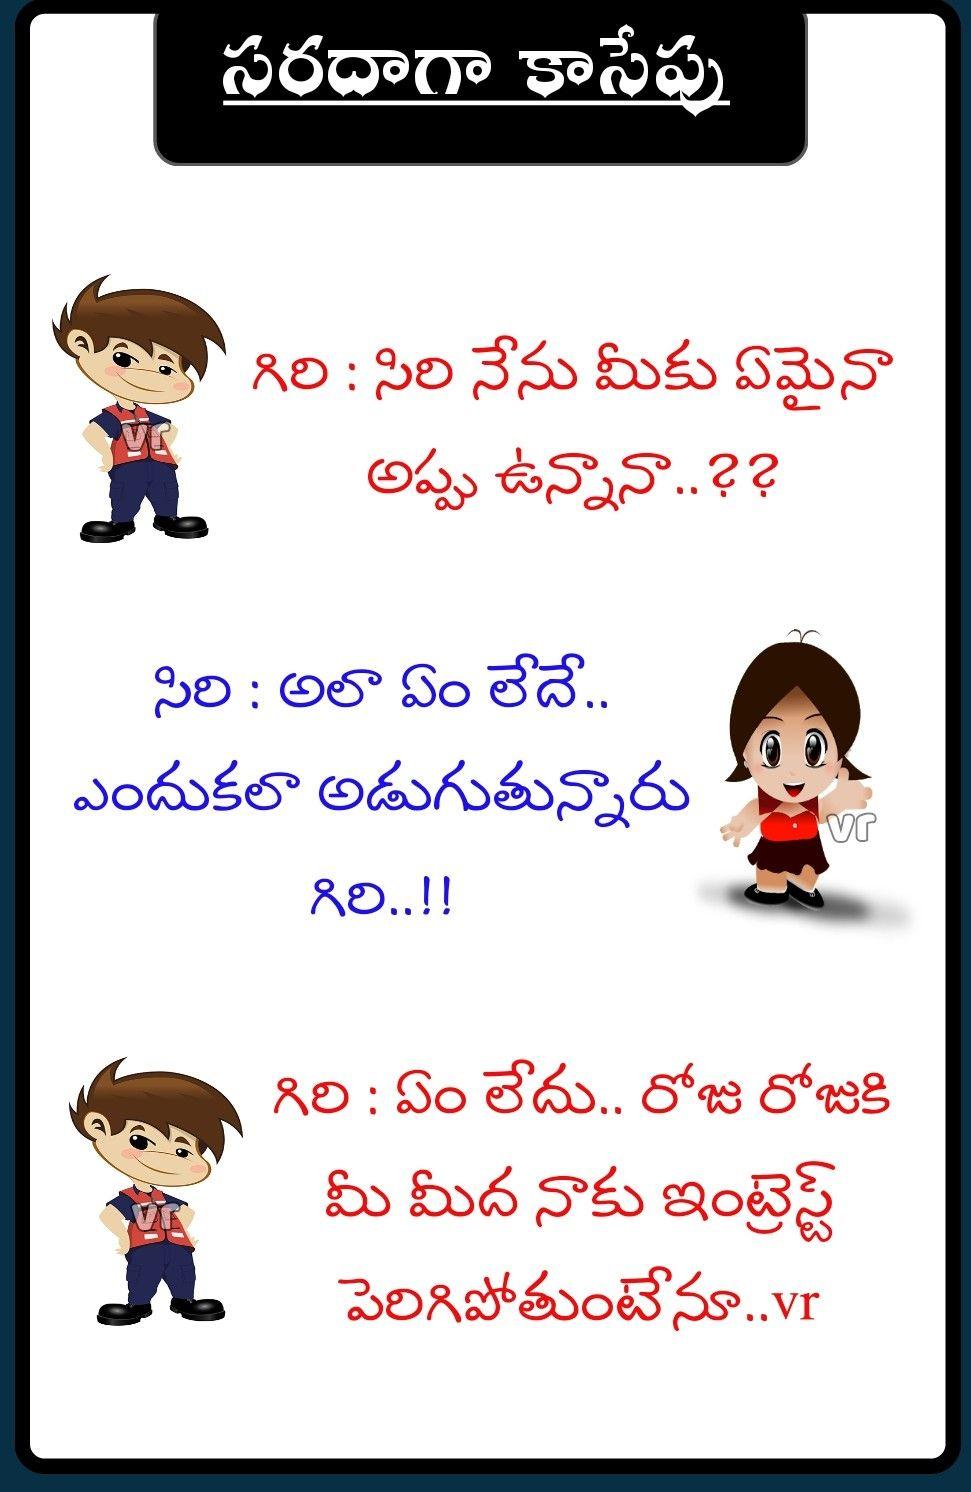 Pin by sreevenireddy on Telugu jokes Cartoon jokes